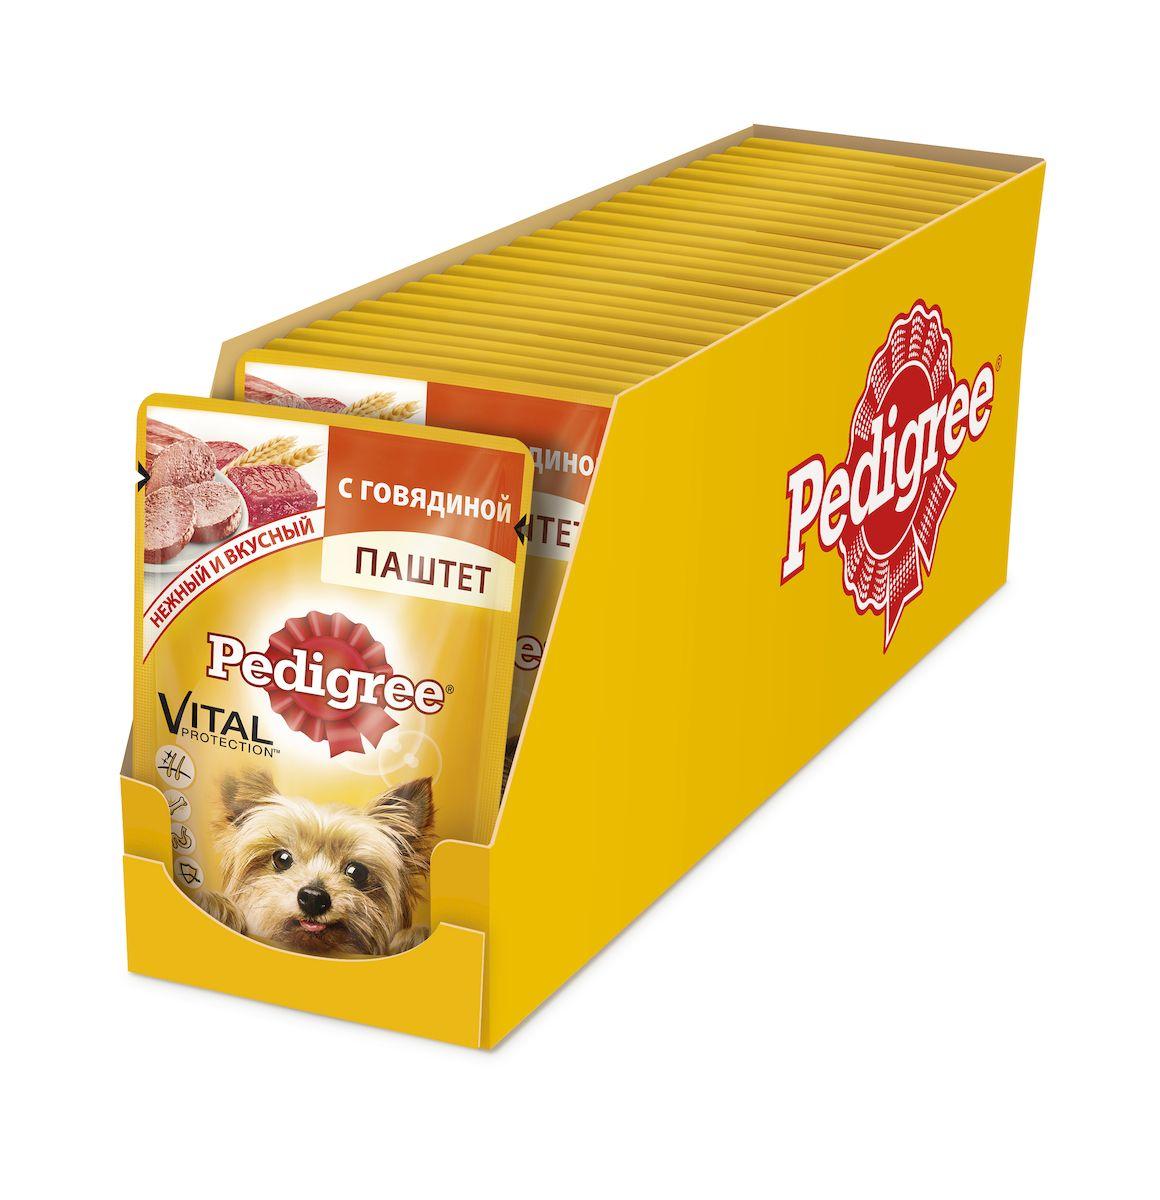 Консервы Pedigree для собак мелких пород от 1 года, паштет с говядиной, 80 г х 24 шт0120710Консервы Pedigree – это не просто вкусный паштет с говядиной, но и полезный, оптимально сбалансированный рацион. Он обеспечивает организм собаки витаминами и микроэлементами, необходимыми ей для здоровья и активной жизни. Не содержитароматизаторов, усилителей вкуса, сои и консервантов, искусственных красителей. Ключевые преимущества: Поддержка иммунной системы: Витамин E и цинк поддерживают иммунную систему. Здоровье костей: Содержит кальций для поддержания здоровья костей. Здоровье кожи и шерсти: Линолевая кислота и цинк необходимы для здоровья кожи и шерсти. Отличное пищеварение: Высокоусвояемые ингредиенты и клетчатка для оптимального пищеварения.Состав: мясо и субпродукты (в том числе говядина минимум 4%), клетчатка,минеральные вещества, растительное масло, витамины. Пищевая ценность (100 г): белки – 7,0 г; жиры – 3,5 г; зола – 1,0 г; клетчатка – 0,6 г; влага – 85 г; кальций – не менее 0,1 г; цинк – не менее 1.8 мг; витамин A – не менее 120 ME; витамин E – не менее 0,9 мг.Энергетическая ценность (100 г): 65 ккал/272 кДж. В упаковке 24 пауча по 80 г.Товар сертифицирован.